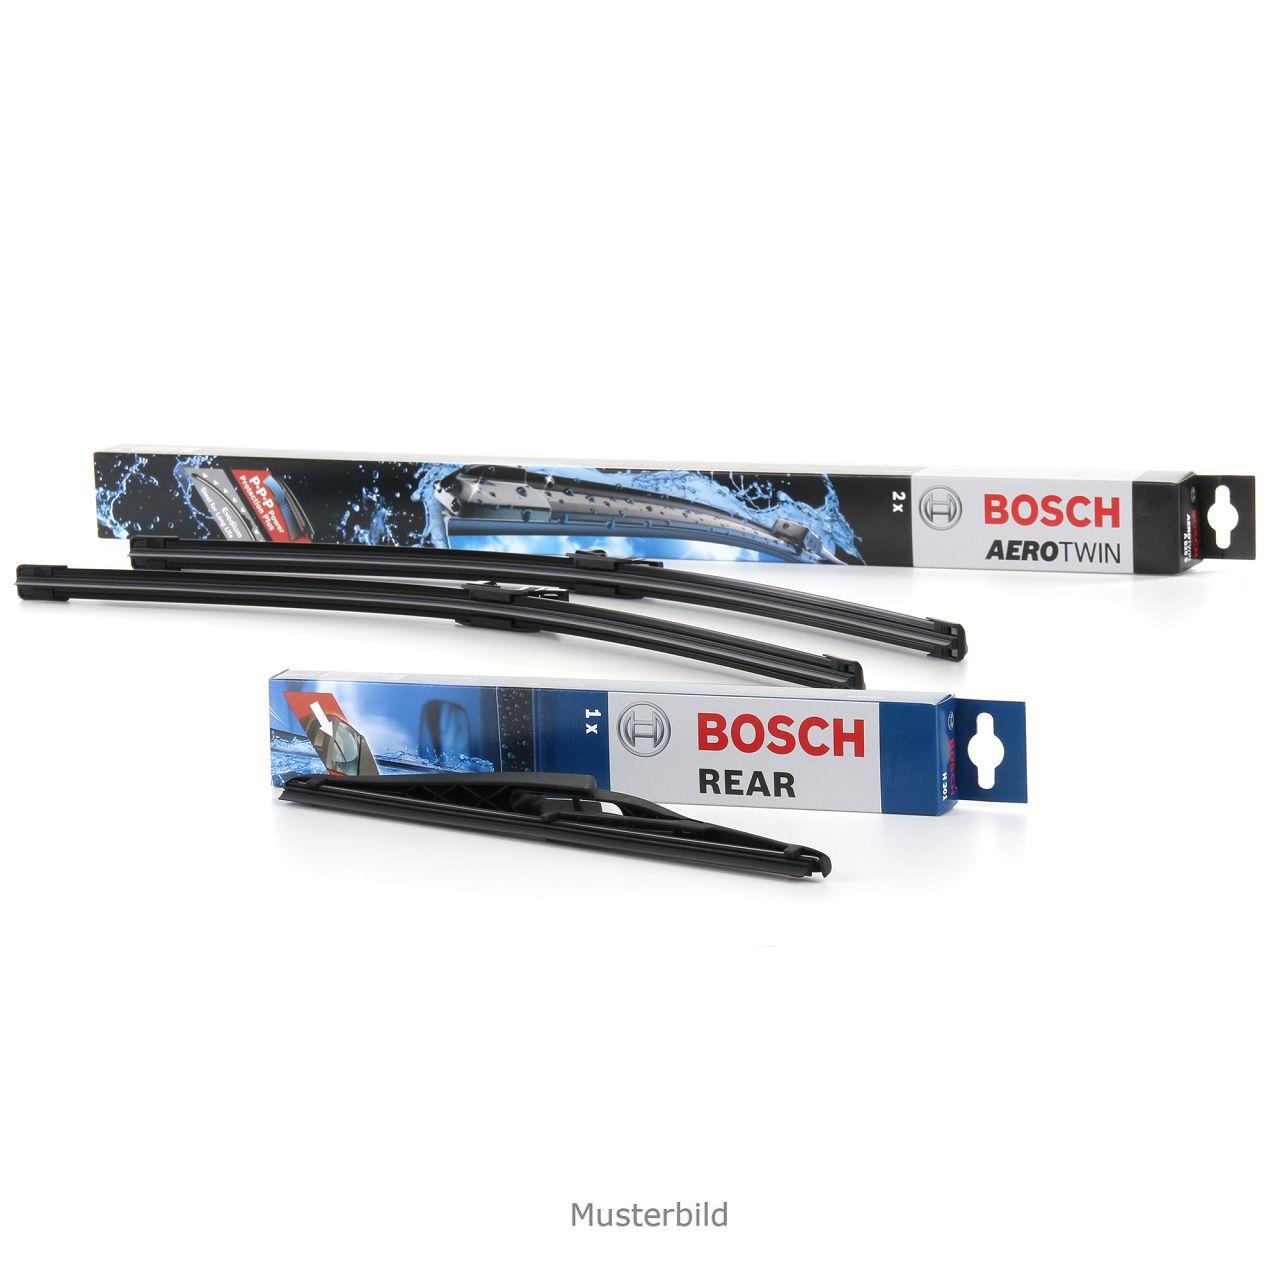 BOSCH AR450S + H240 Scheibenwischer MINI R56 One / Cooper / Works vorne + hinten